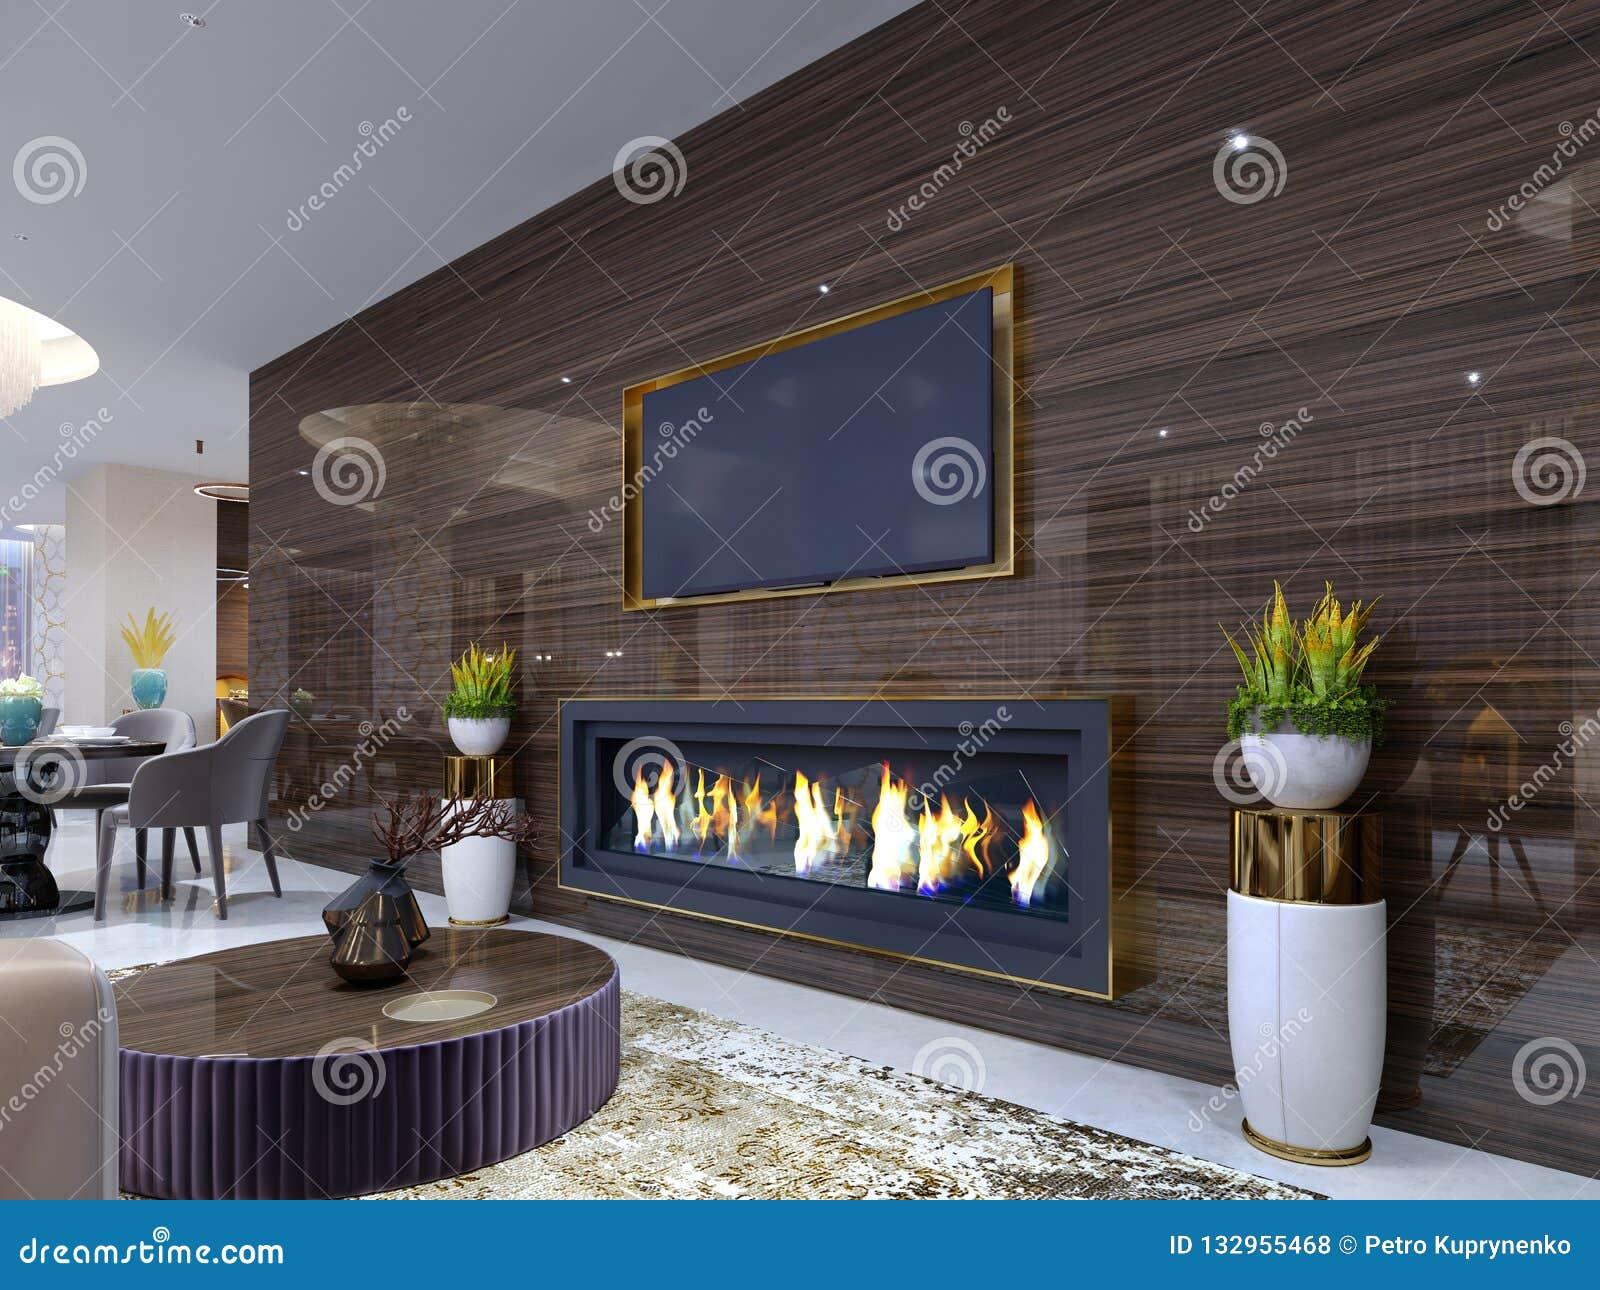 Cheminee Moderne Luxueuse Dans L Hotel Dans Un Refuge Confortable Un Mur En Bois Avec La Tv Integree Et Une Cheminee Avec Des S Illustration Stock Illustration Du Hotel Dans 132955468